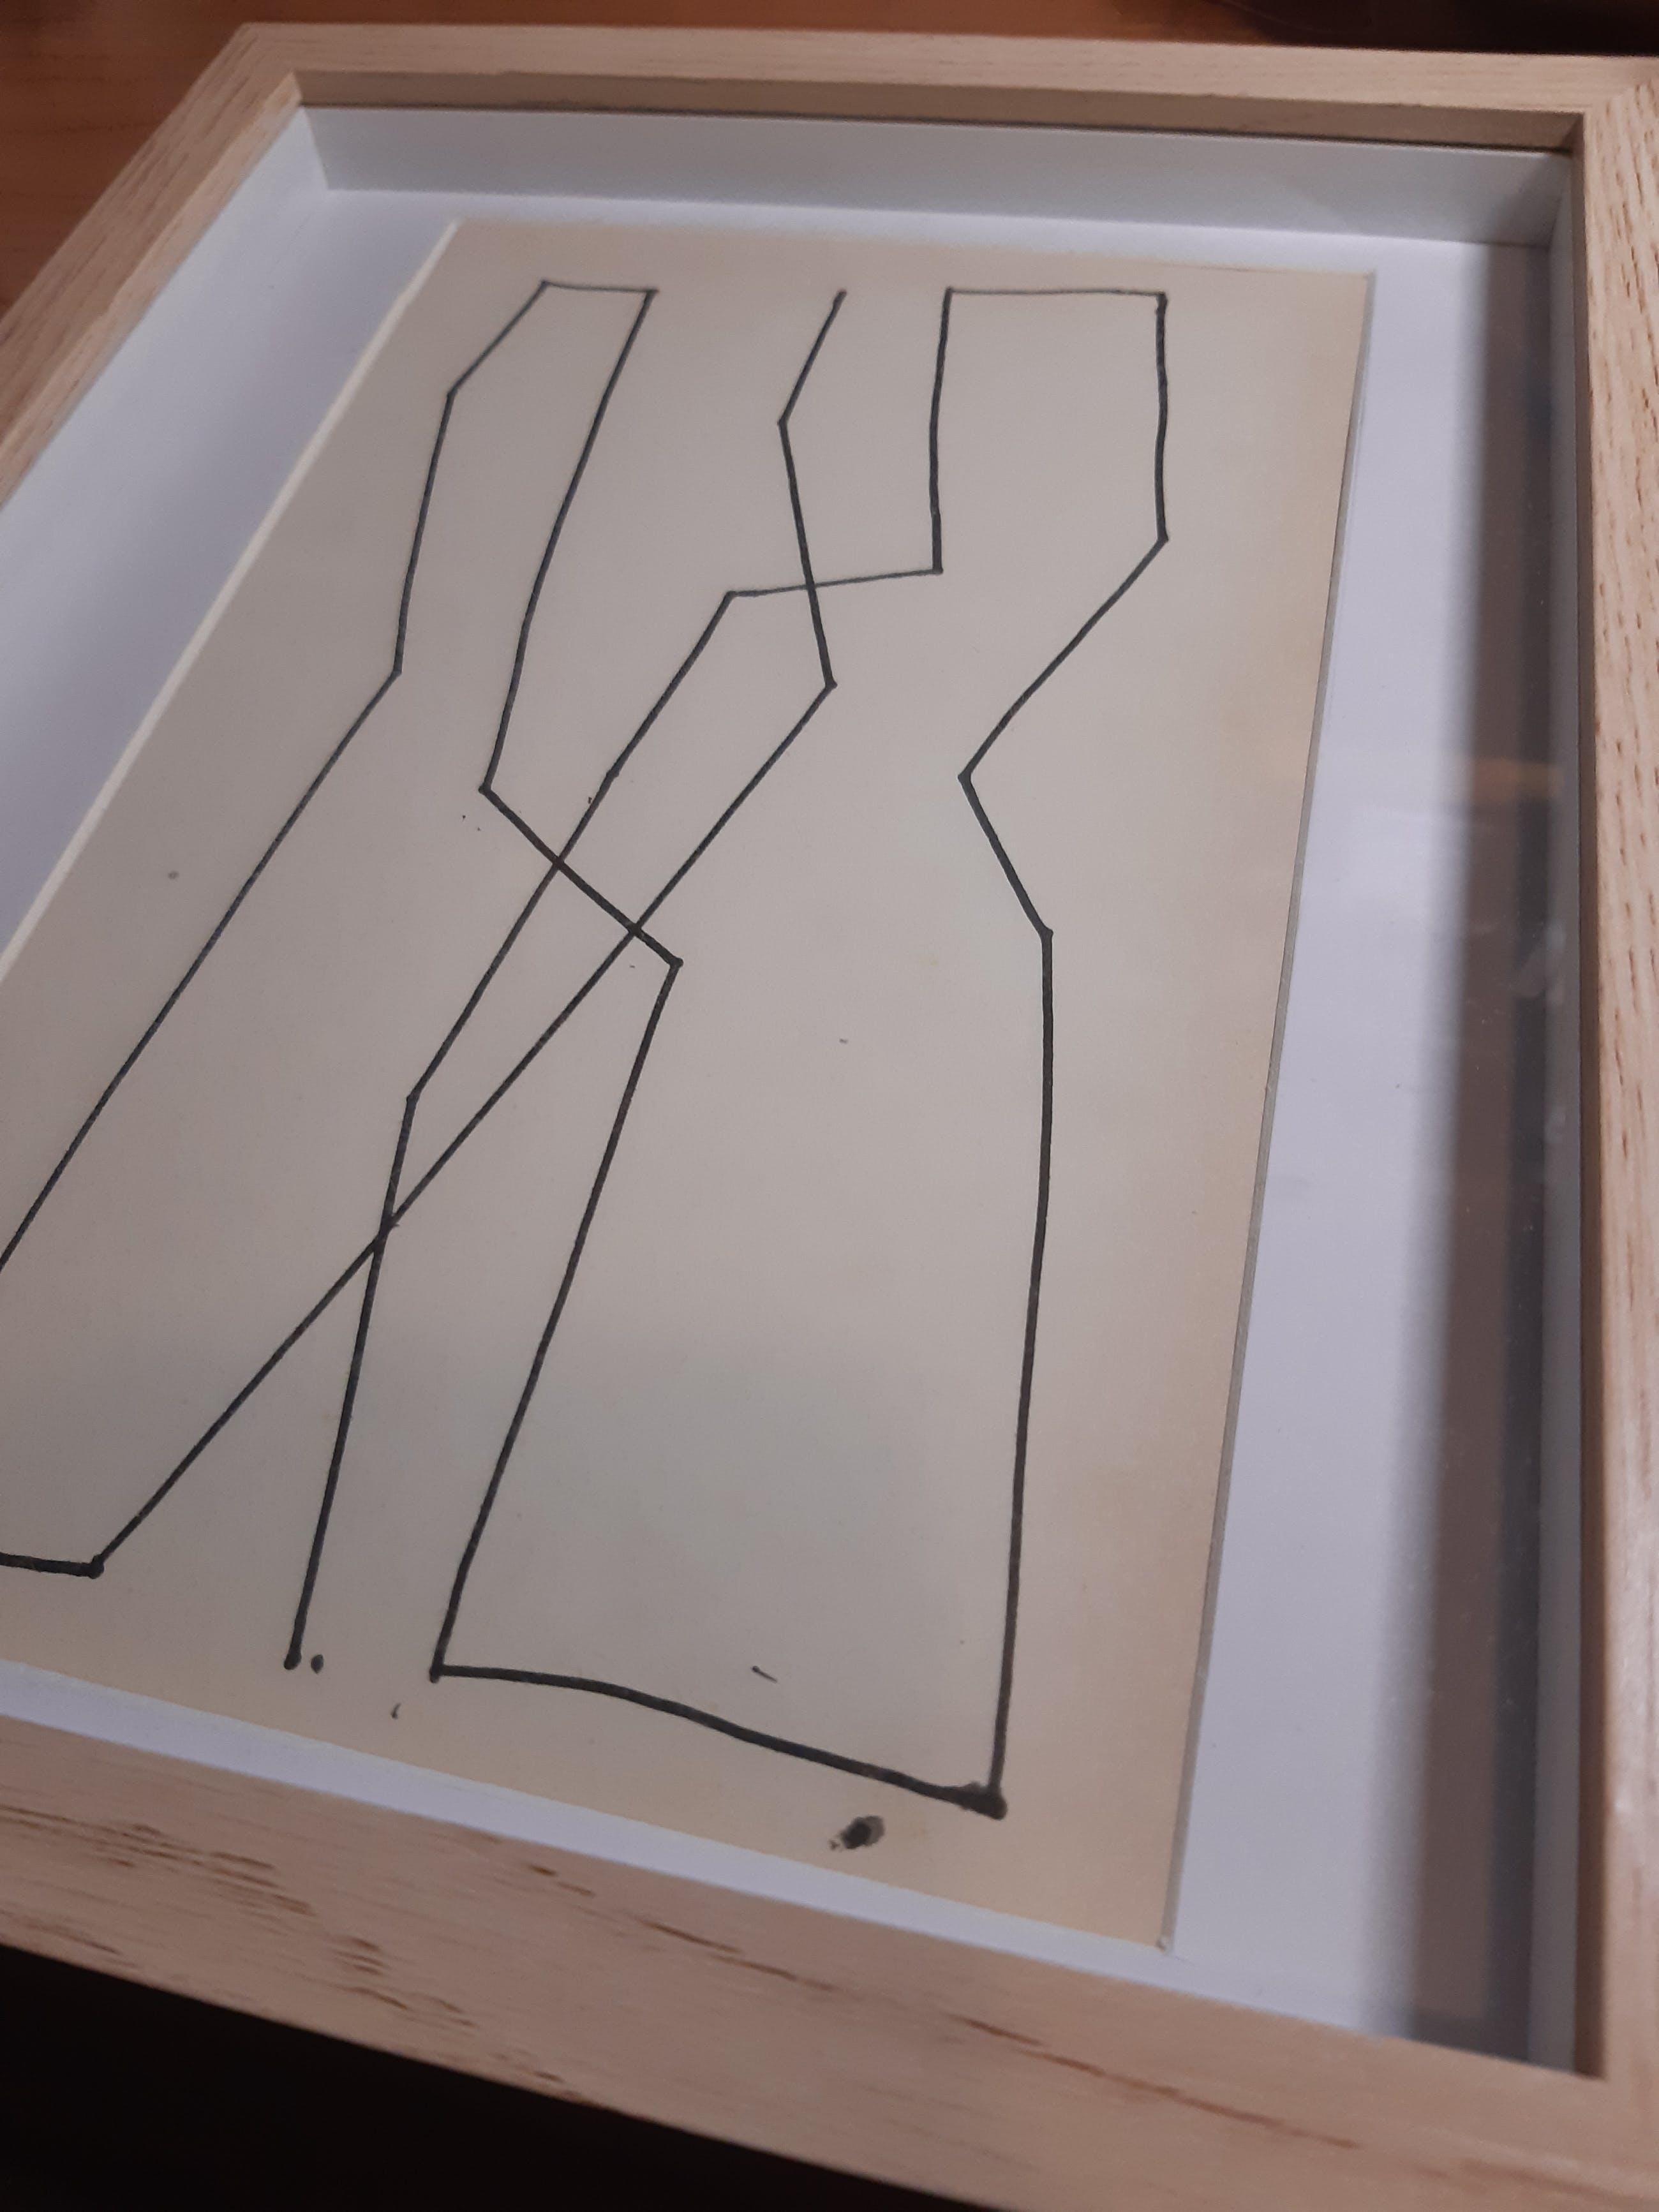 Siep van den Berg - Abstracte compositie kopen? Bied vanaf 1!